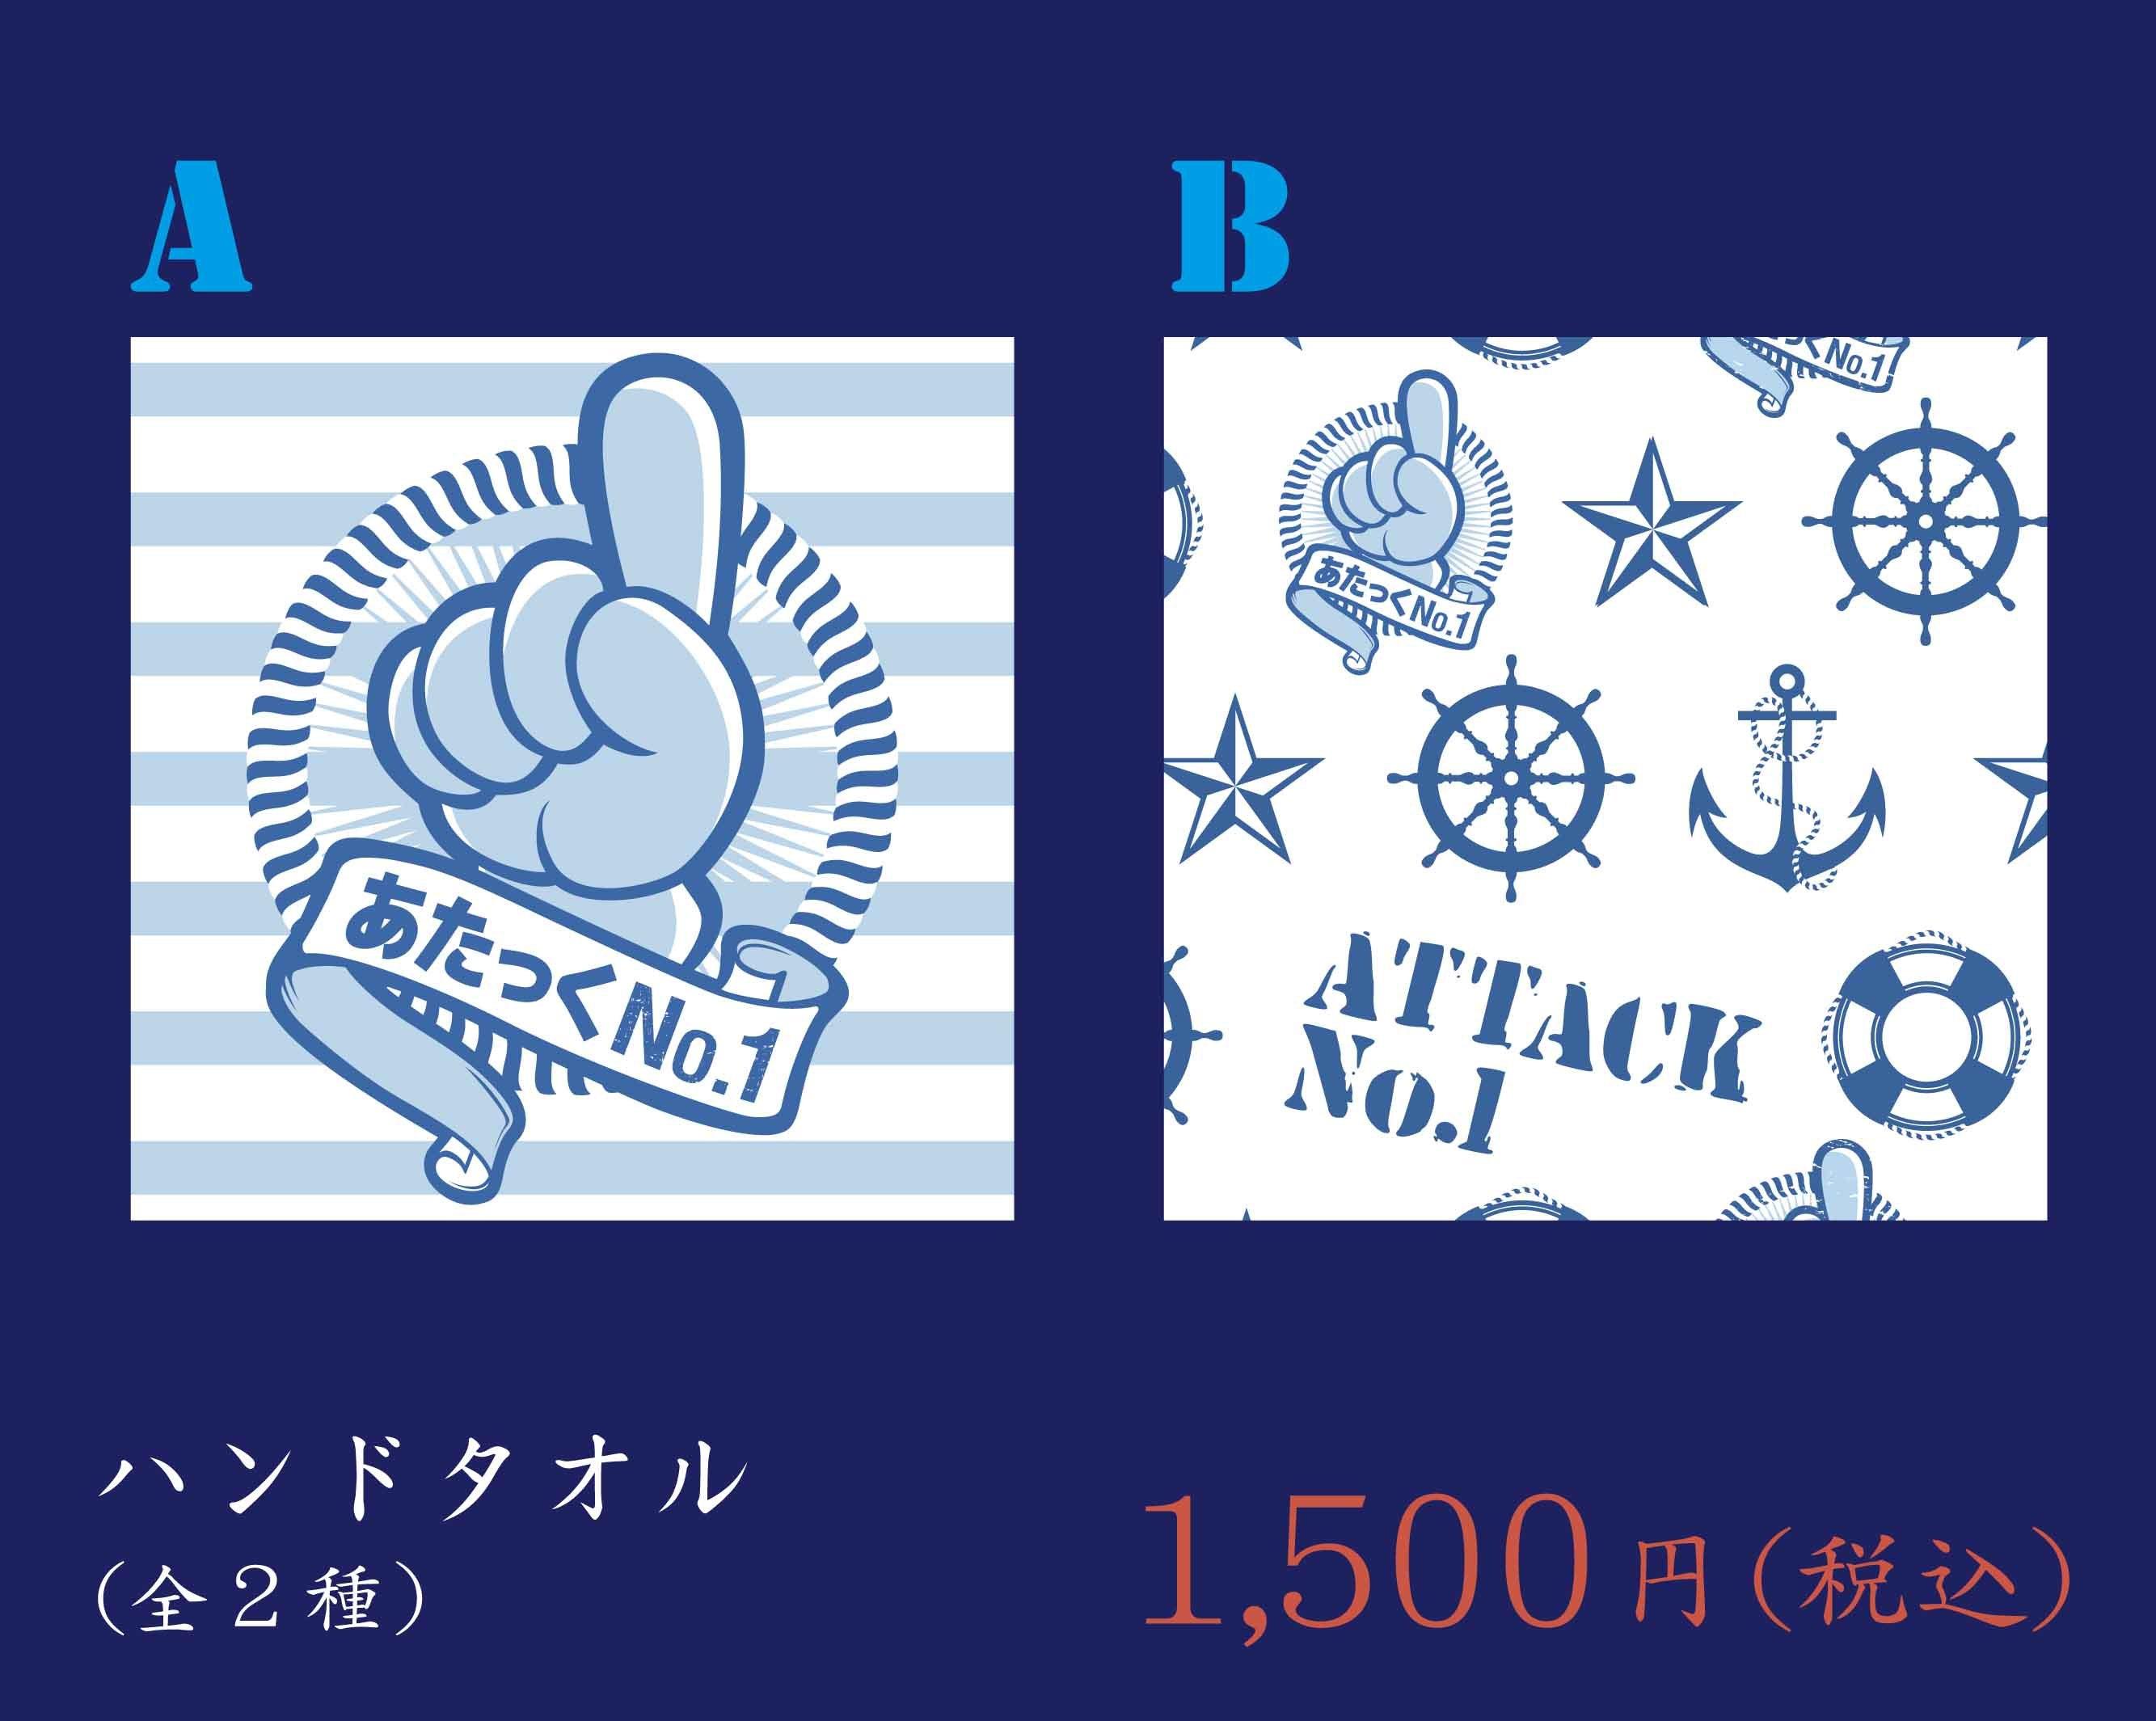 OnlineShop オープンセール 2017年 方南ぐみ企画公演「あたっくNo.1」 ハンドタオル